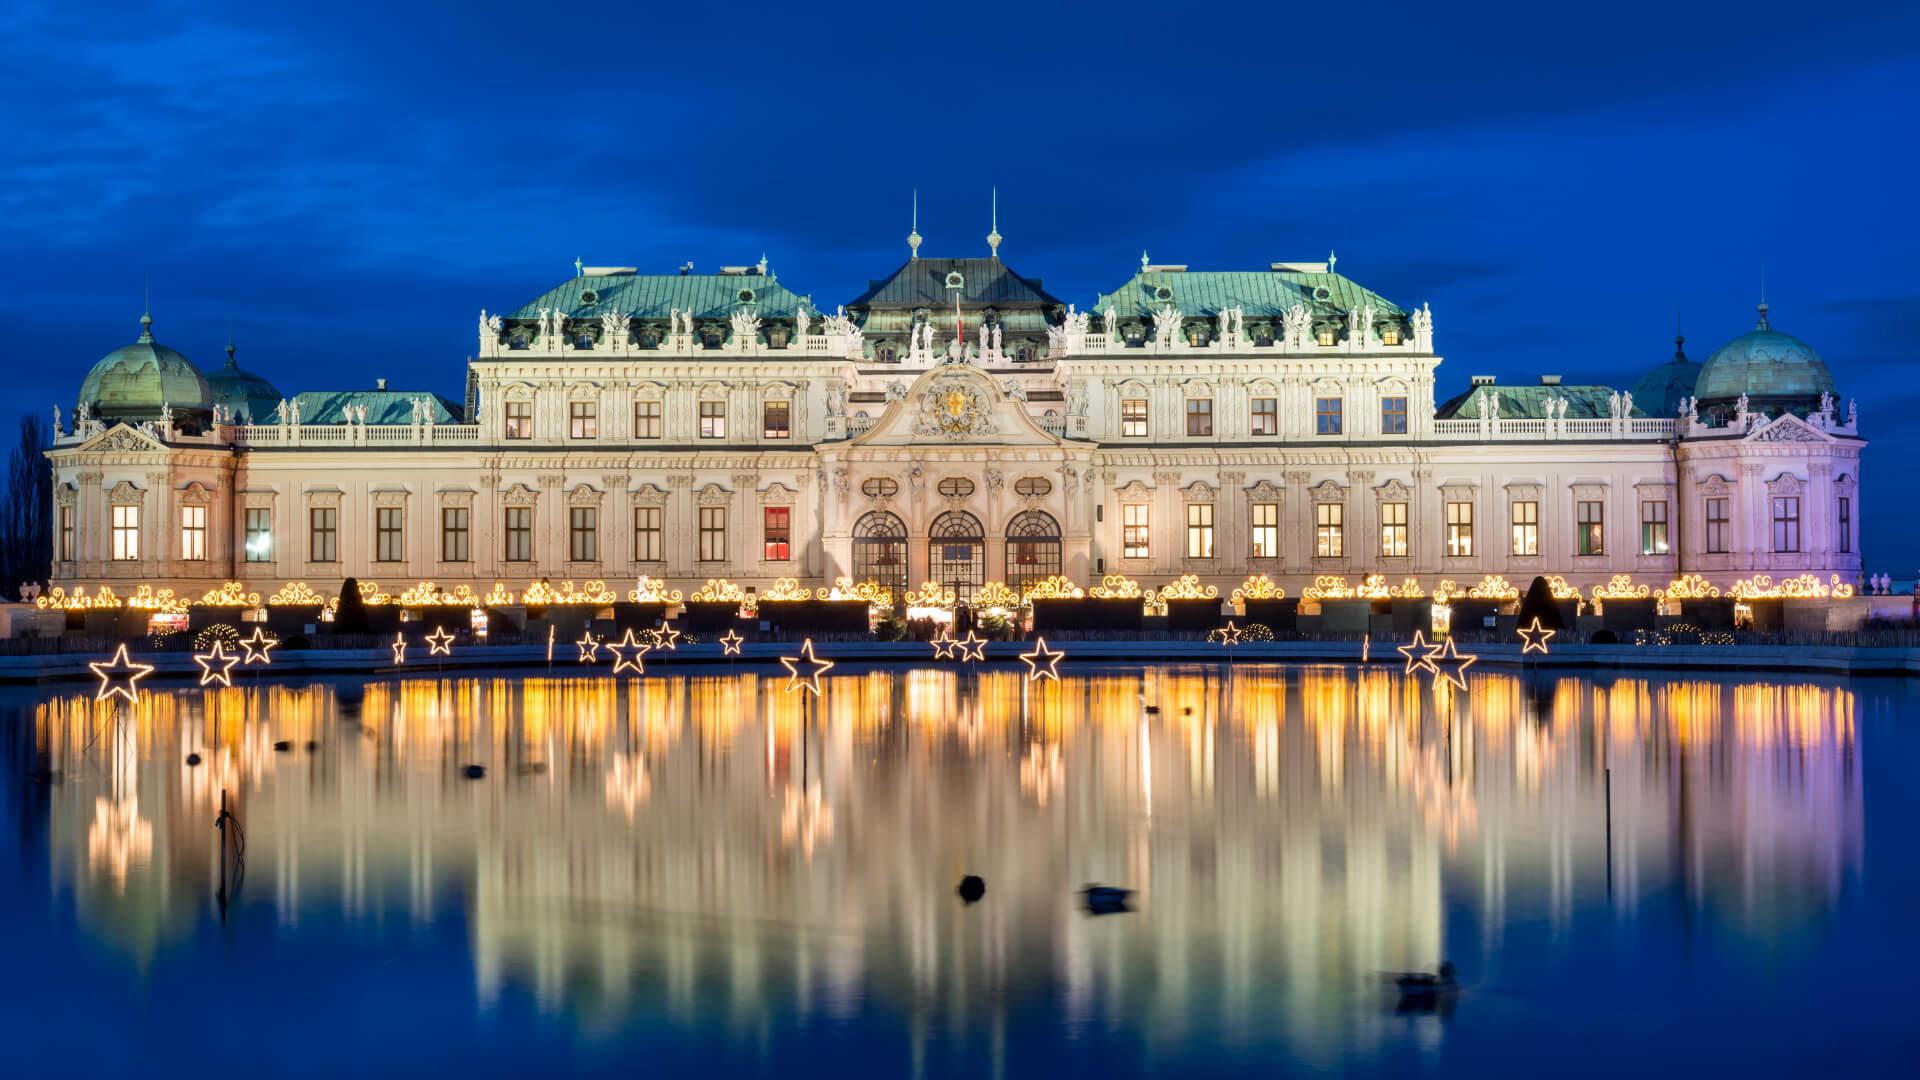 Viyana'nın Müzelerinde Kaybolmaya Ne Dersiniz?